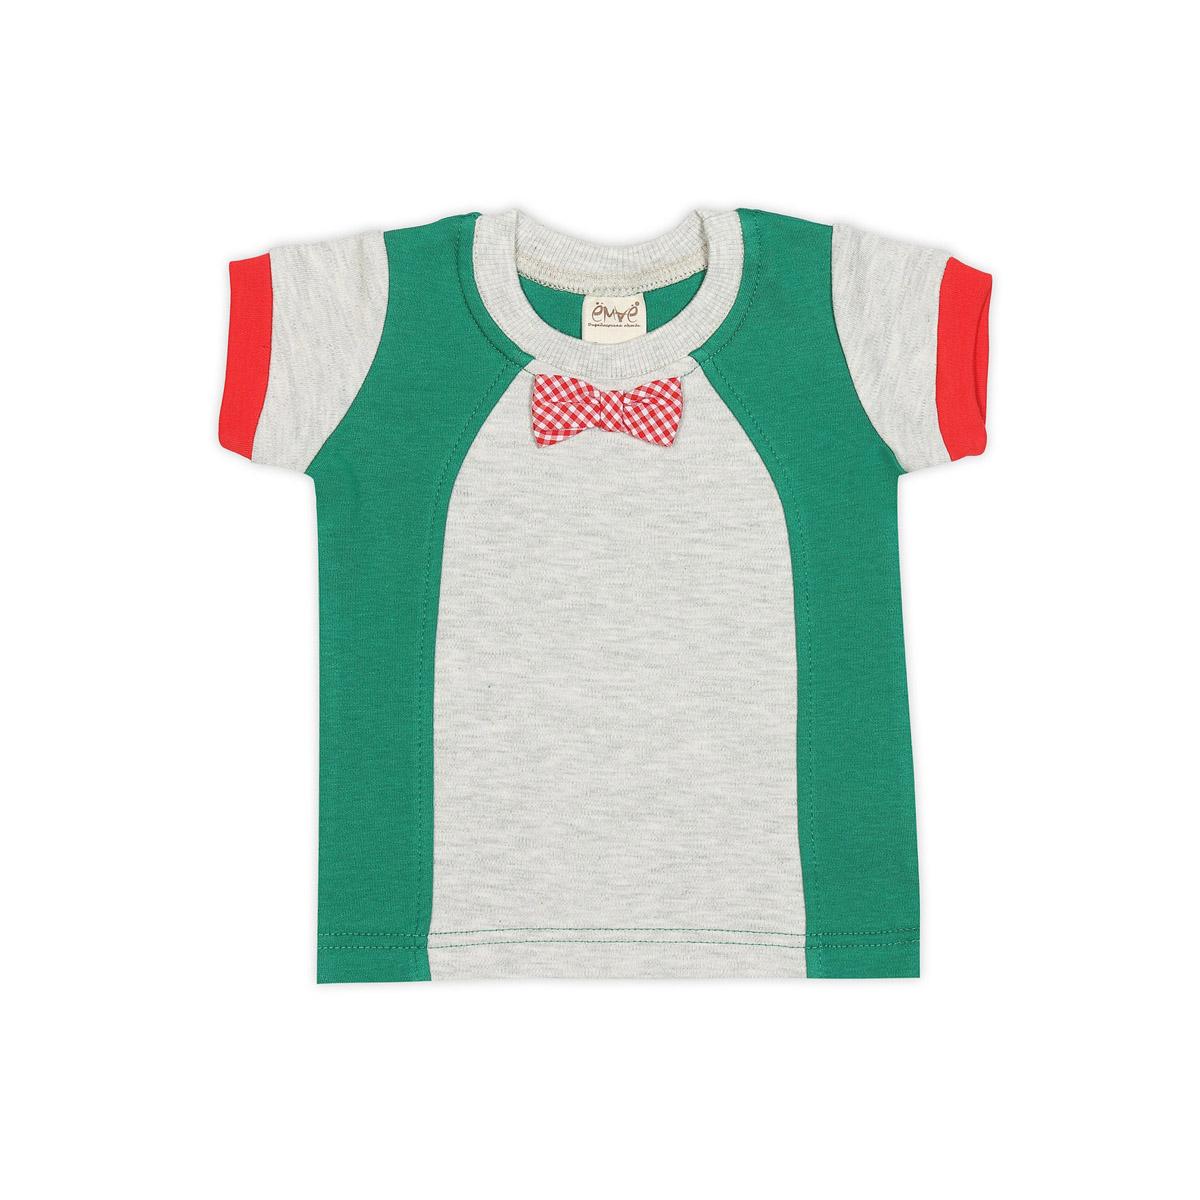 Футболка Ёмаё Хохлома (27-636) рост 74 светло серый меланж с зеленым<br>